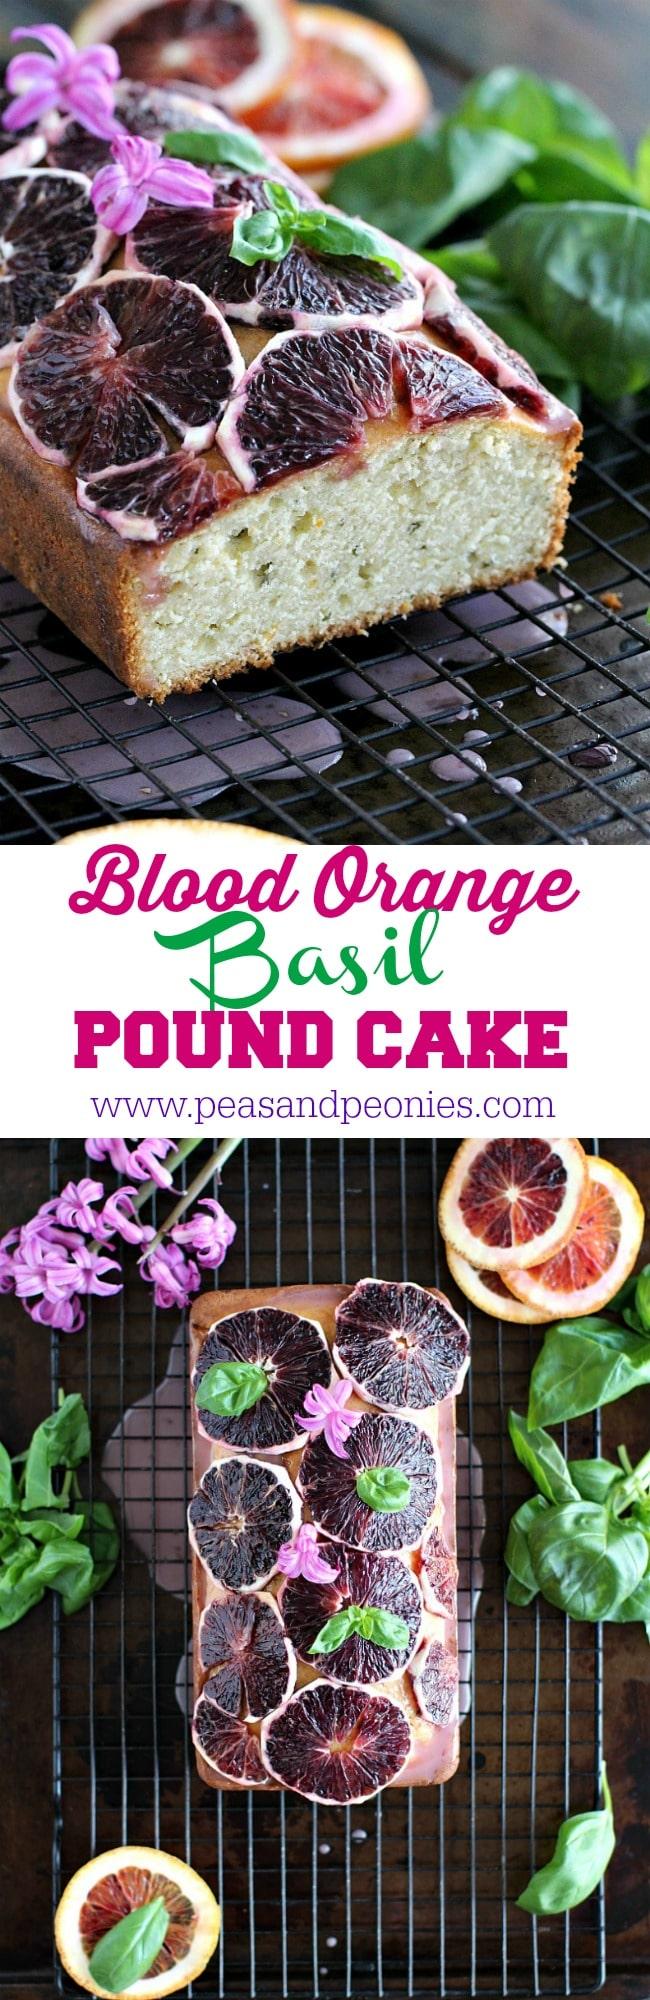 Basil Blood Orange Pound Cake PIN